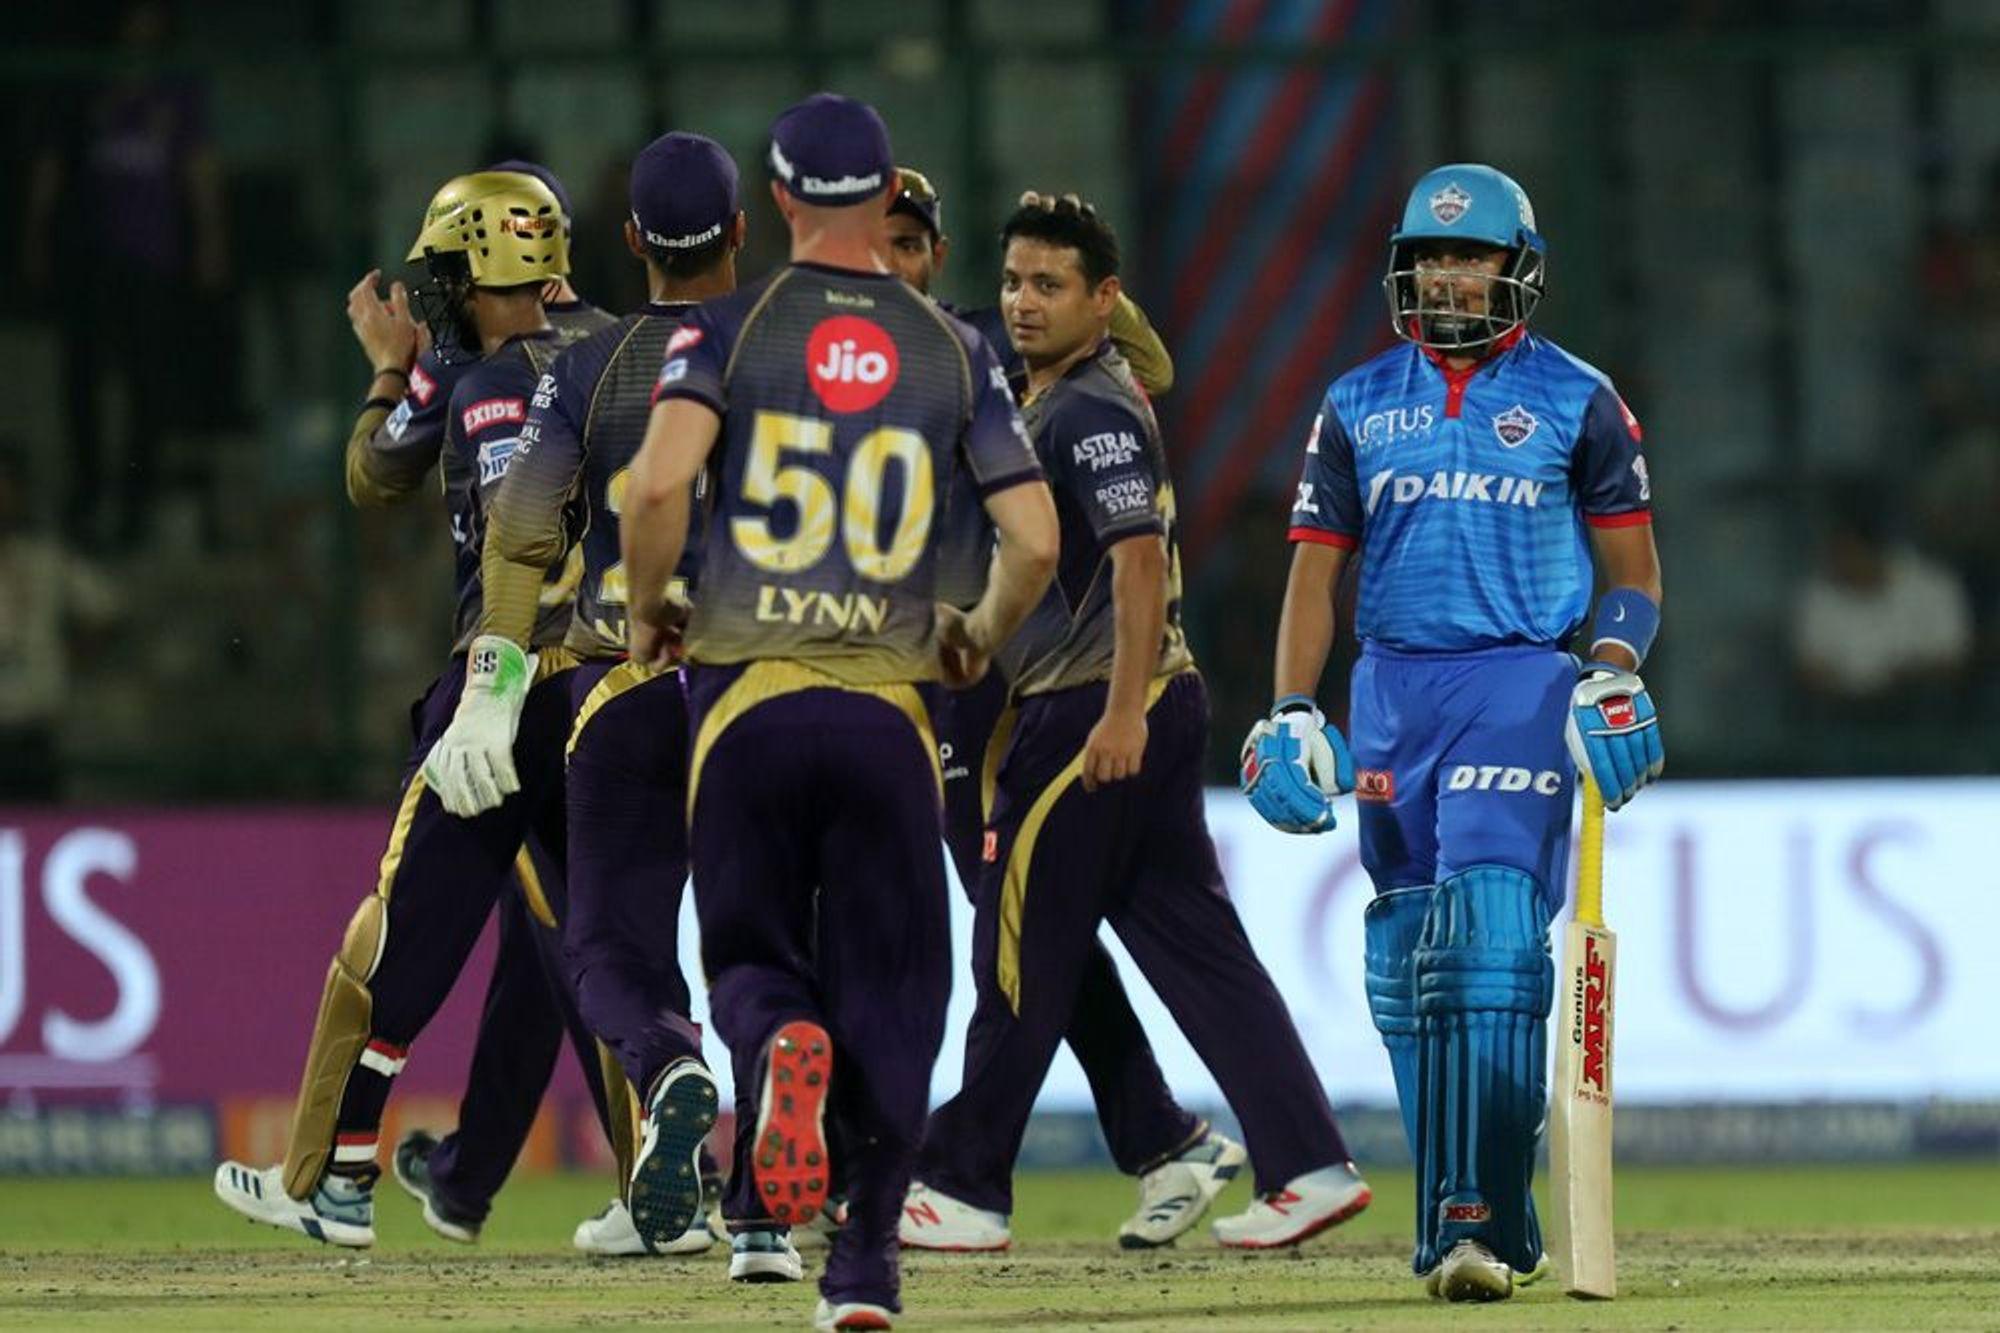 DCvsKKR : पृथ्वी शॉ की तूफ़ान में उड़ा केकेआर, सुपर ओवर में दिल्ली ने केकेआर को 3 रन से हराया 64